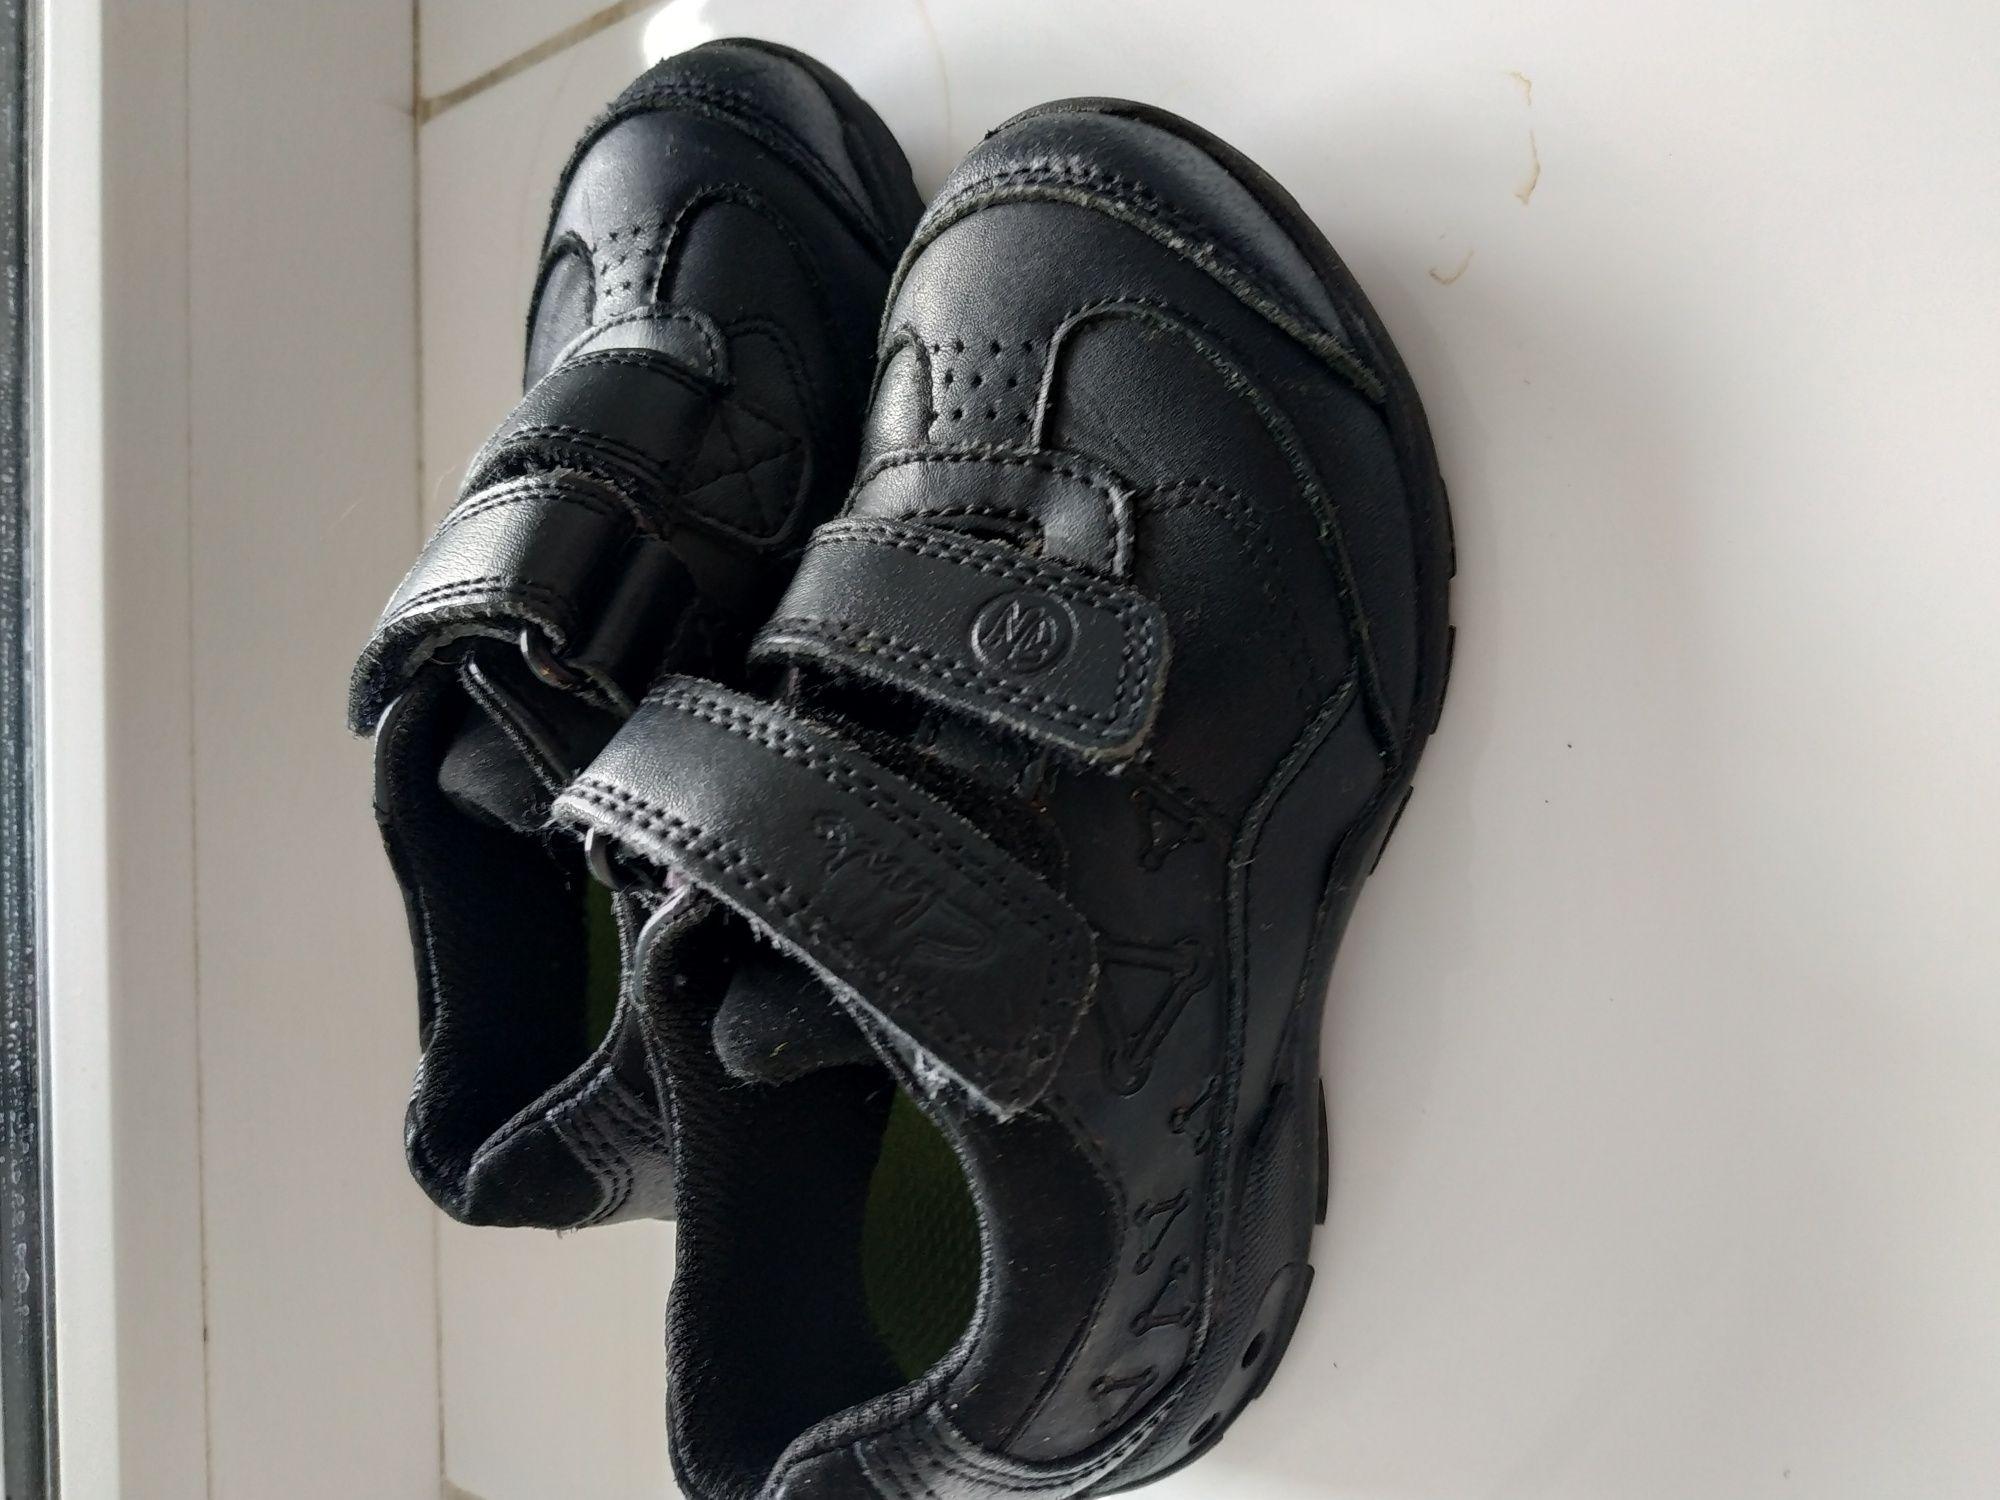 Кожанные кроссовки Clark's. Размер 23 (14 см).